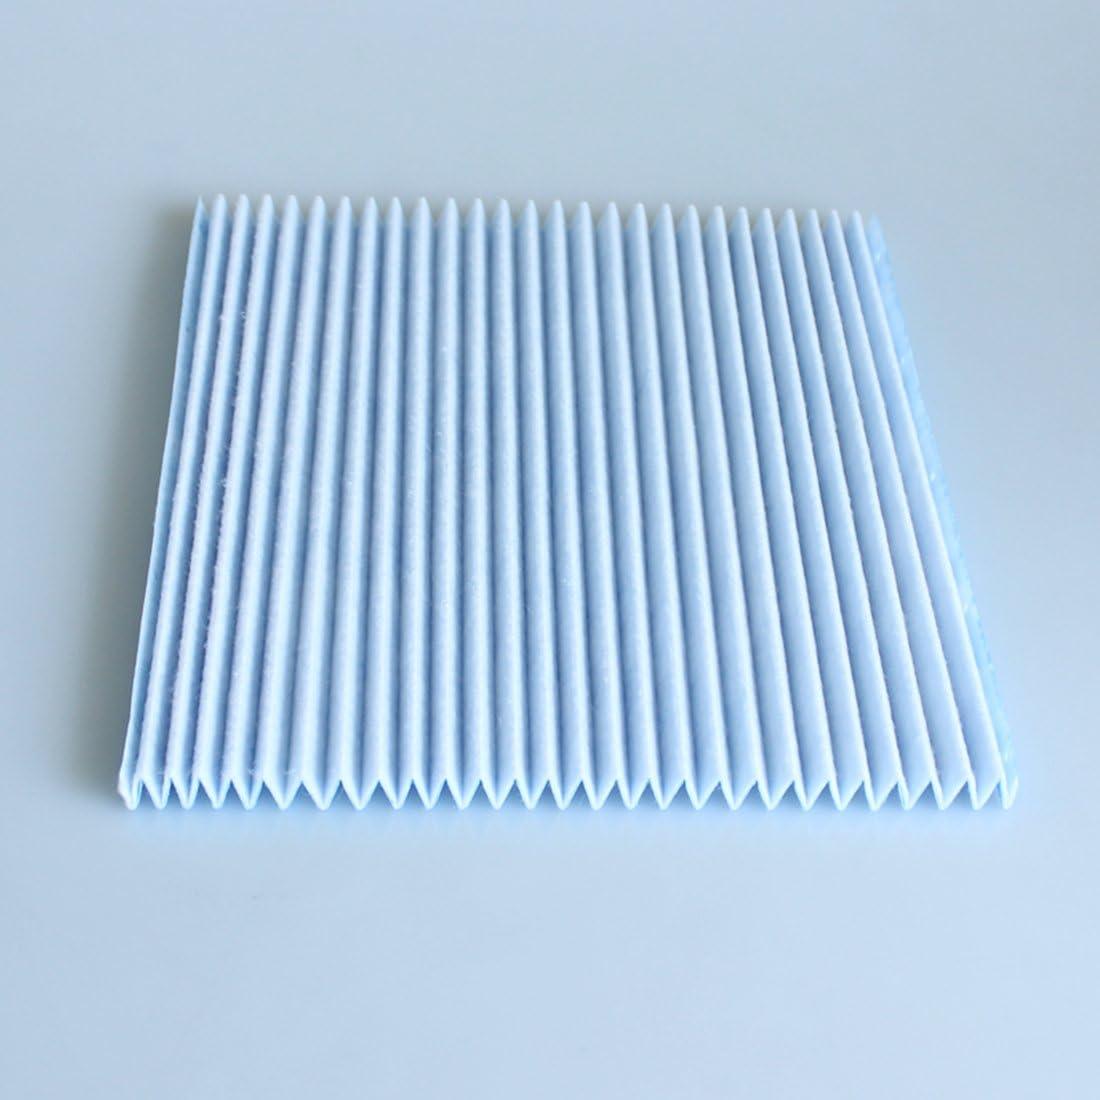 reyee plisado filtros 5/hojas de repuesto para purificador de aire Daikin mc70kmv2//mck57lmv2